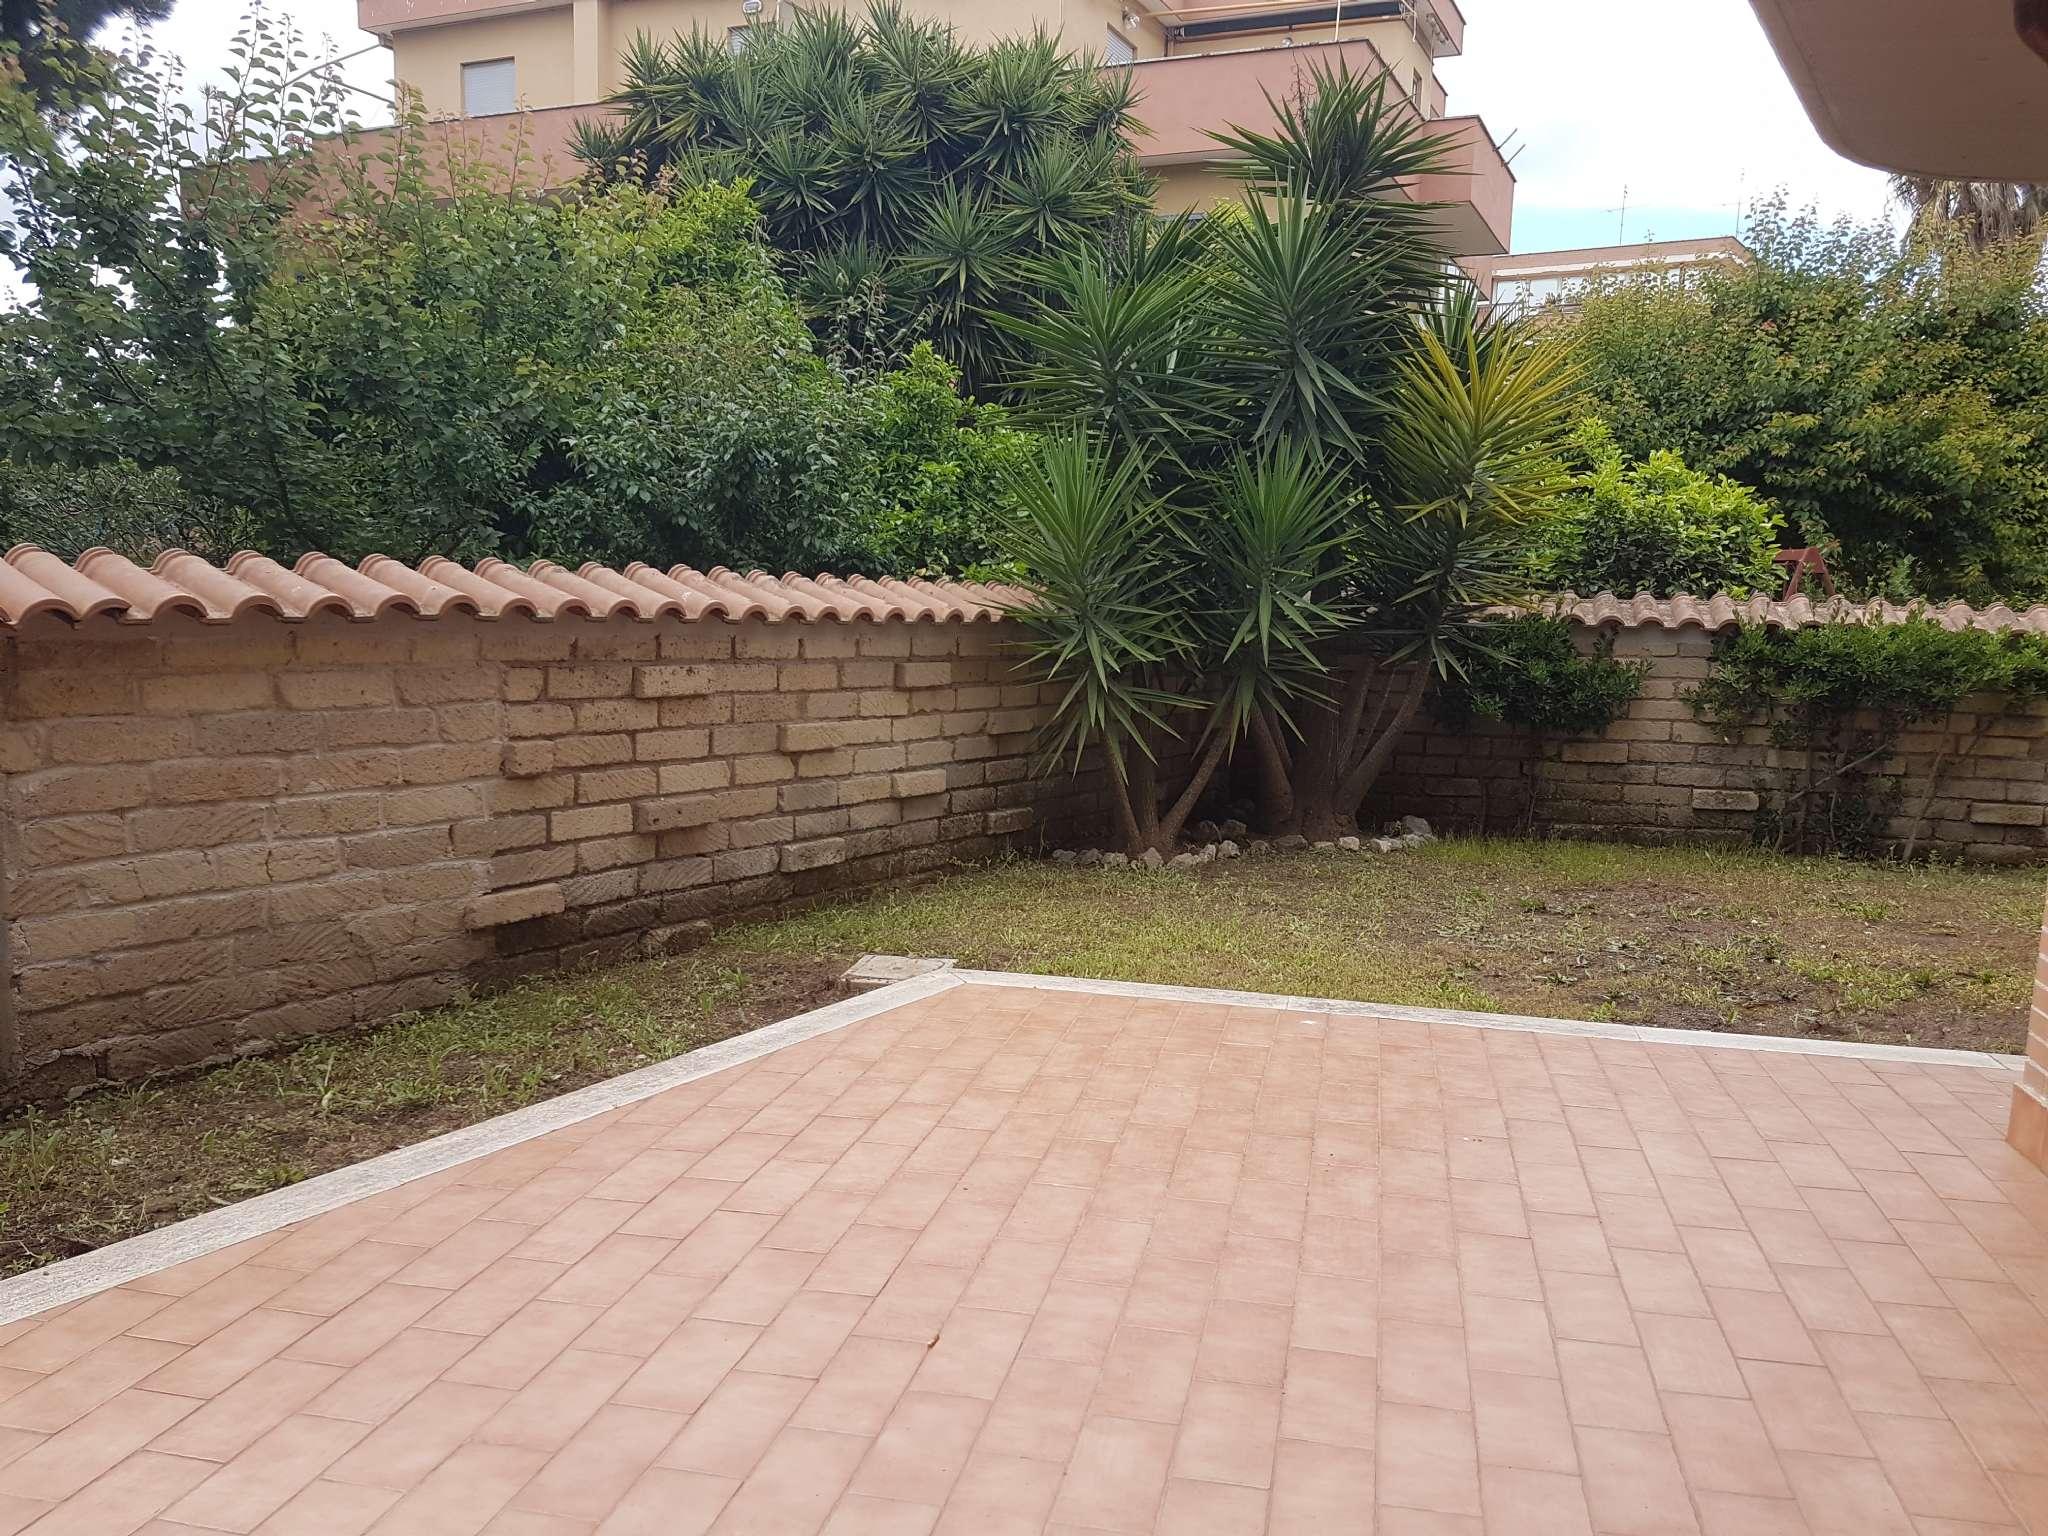 Appartamento in affitto a Nettuno con giardino